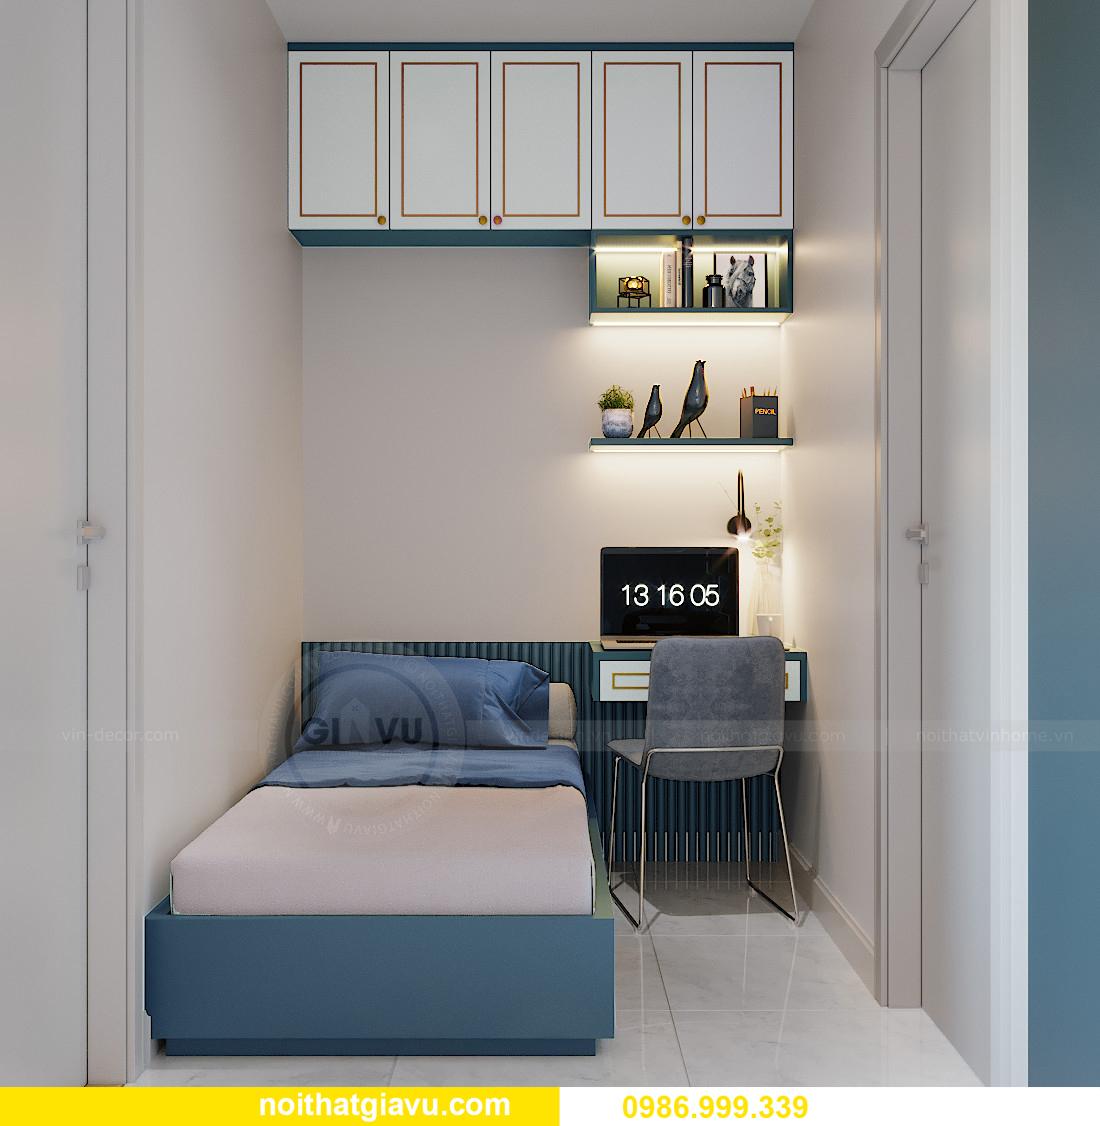 thiết kế thi công nội thất căn hộ Smart City tòa S201 căn 18 5